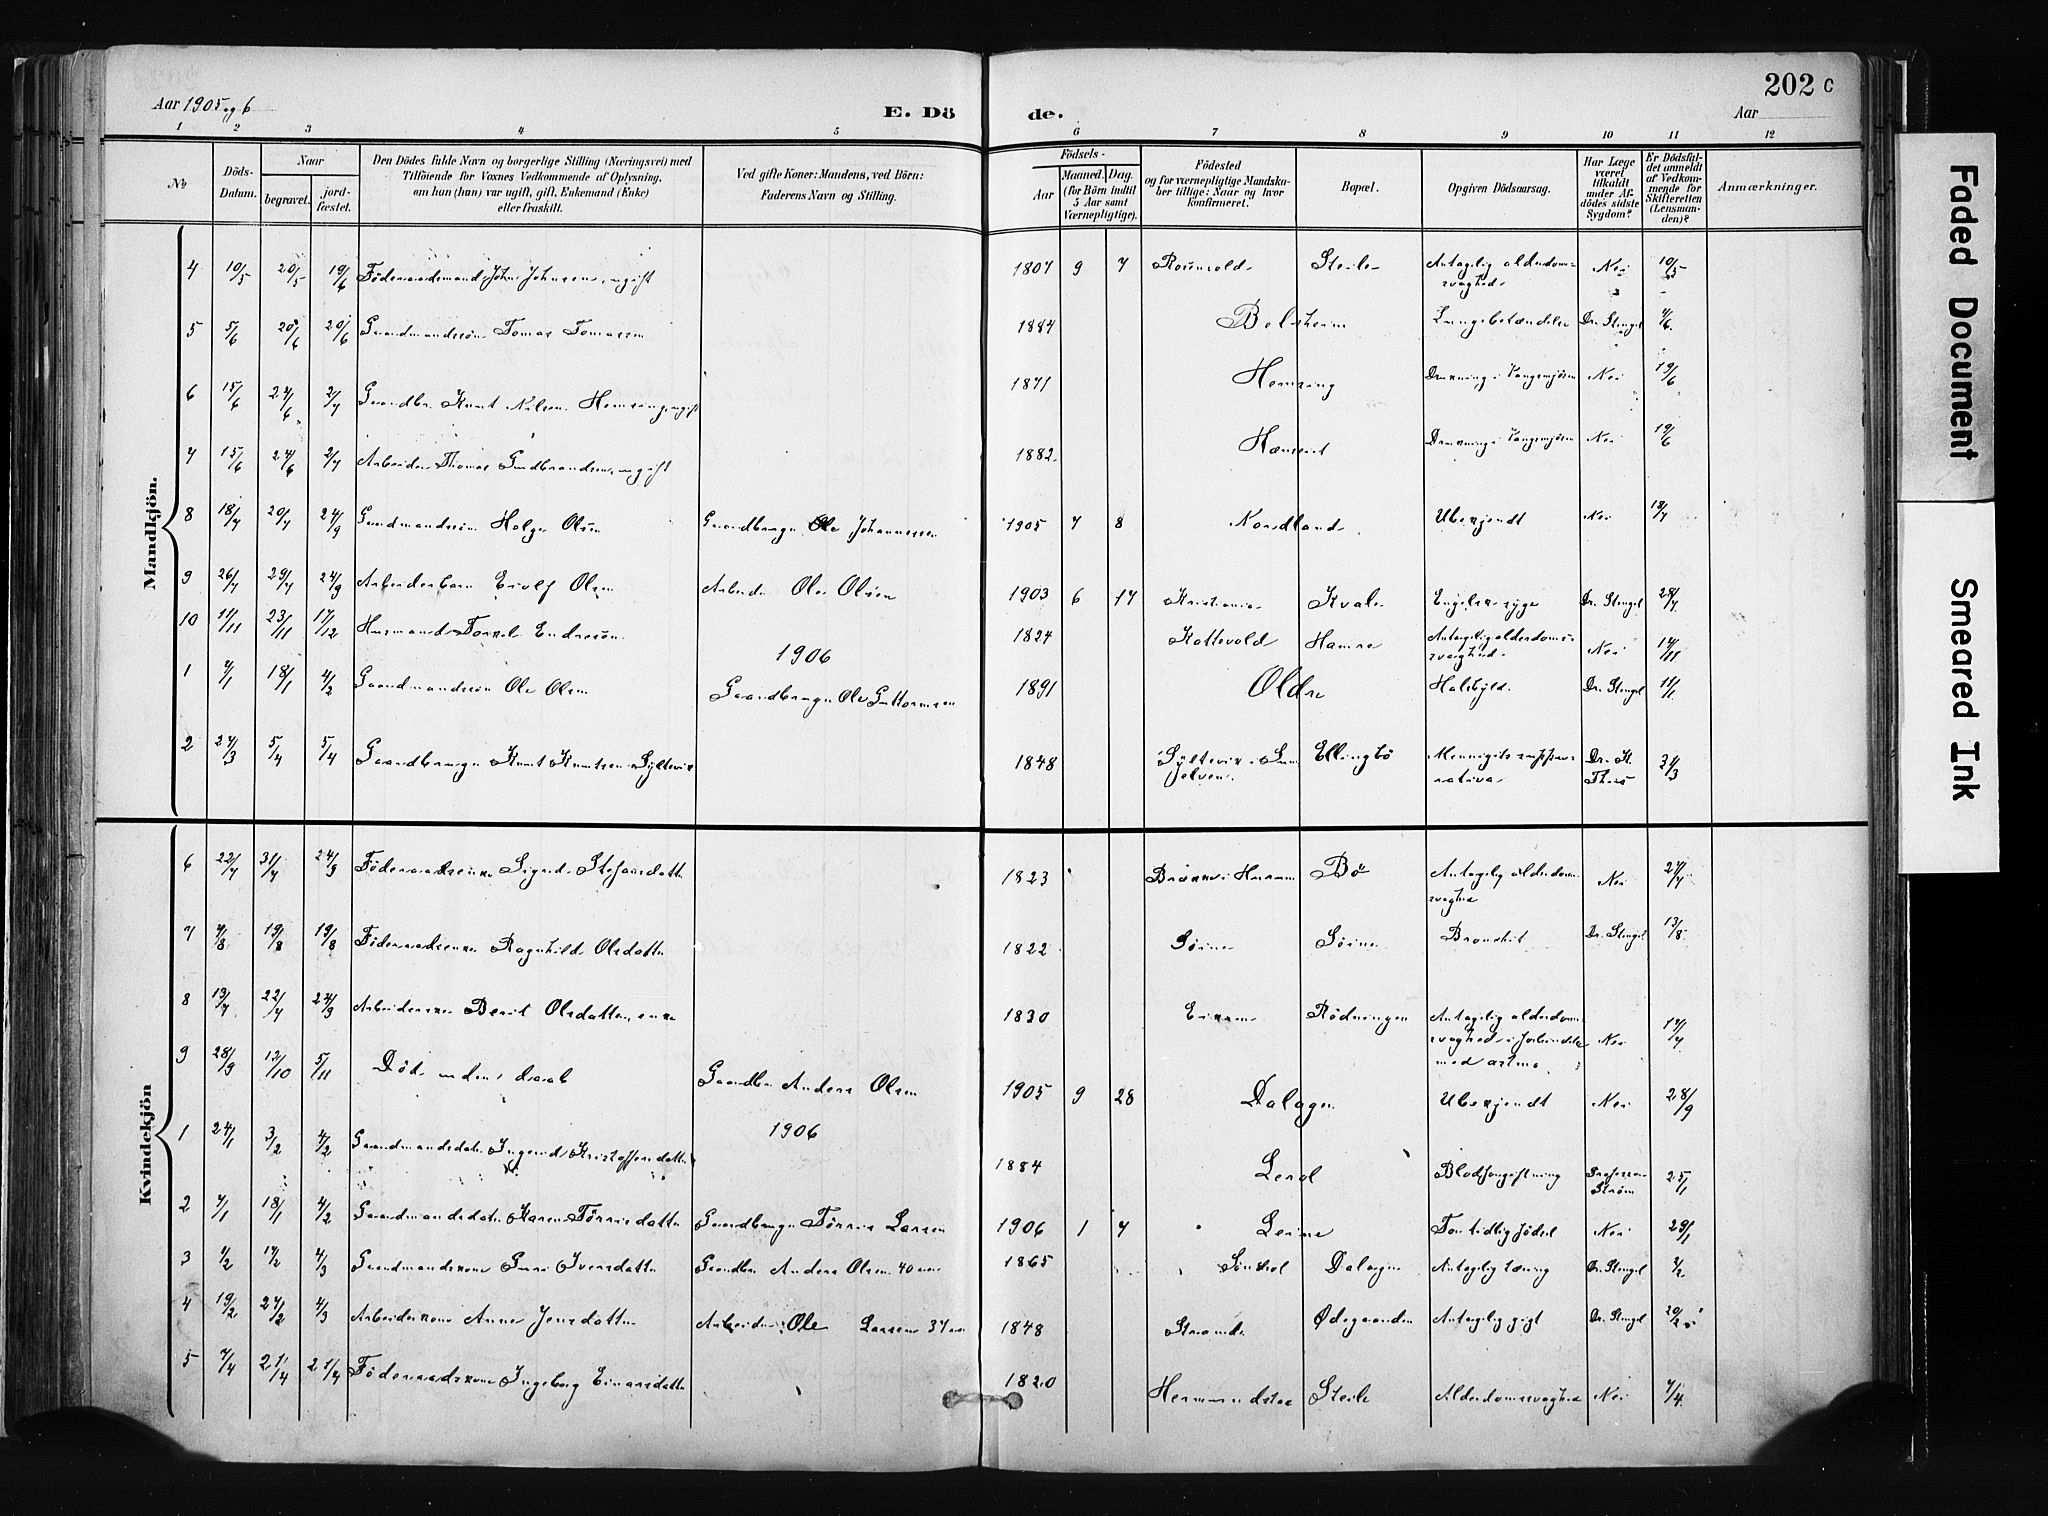 SAH, Vang prestekontor, Valdres, Ministerialbok nr. 8, 1882-1910, s. 202